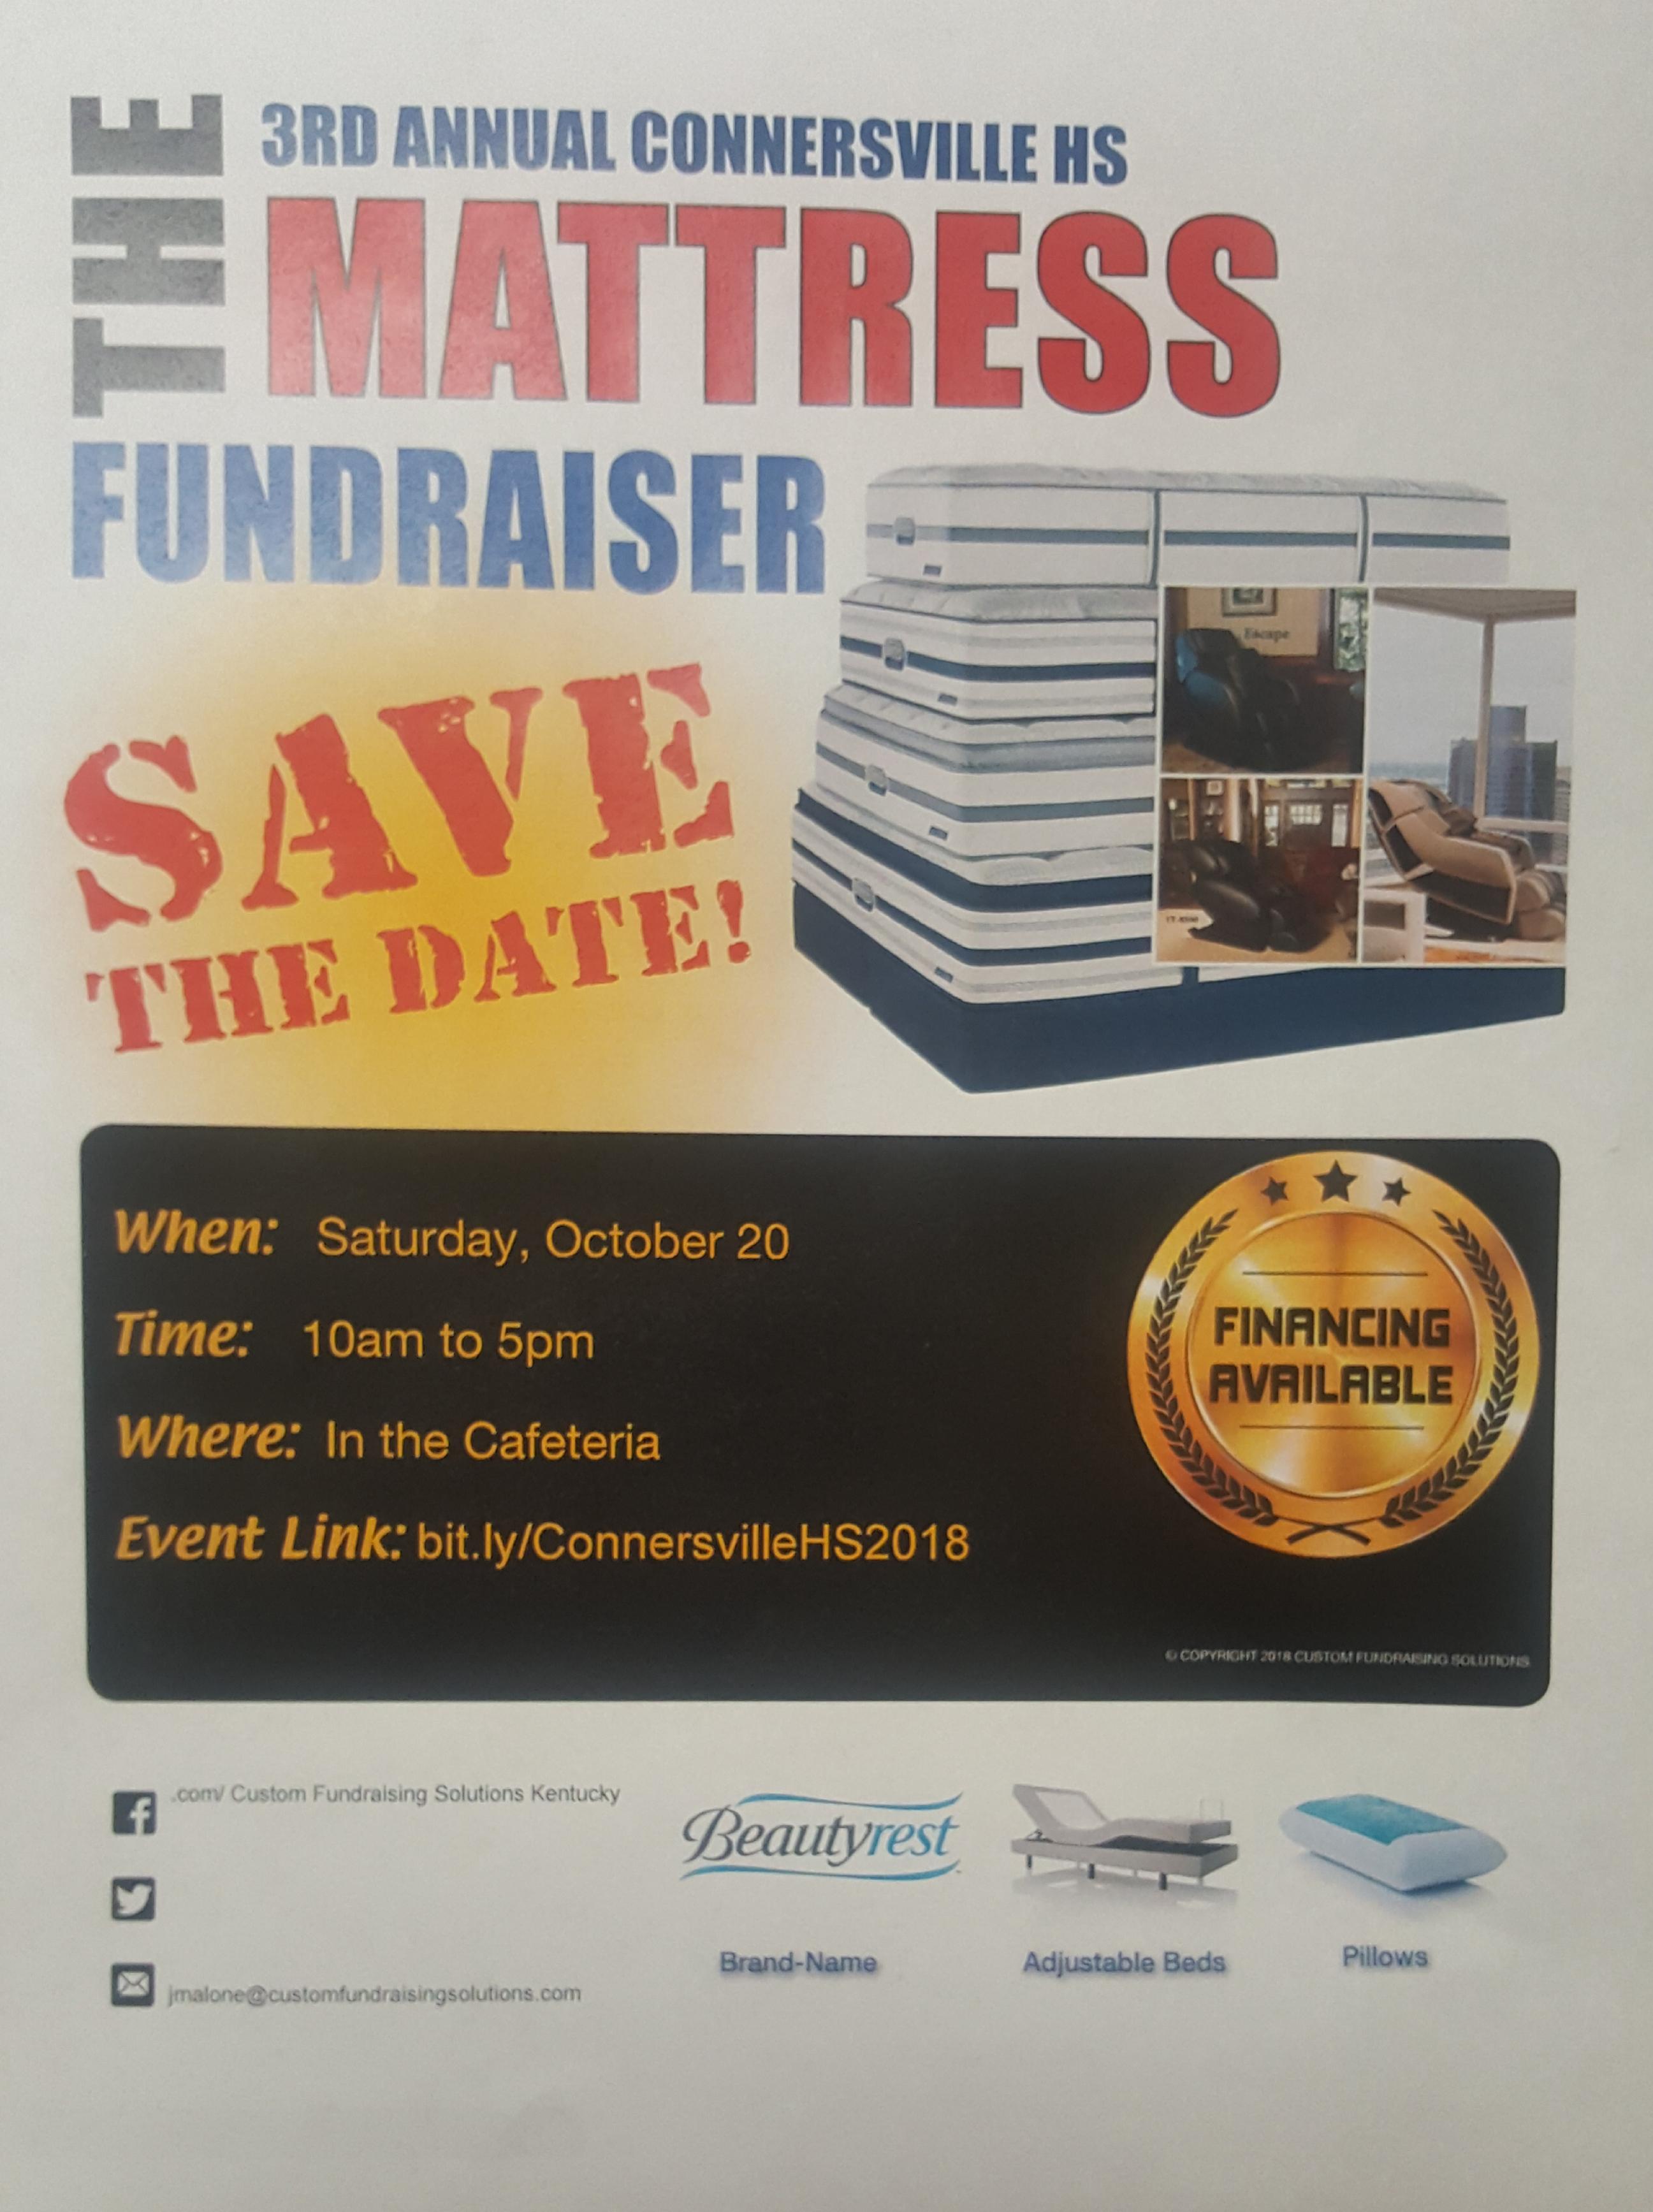 Mattress Sale Fundraiser is Approaching